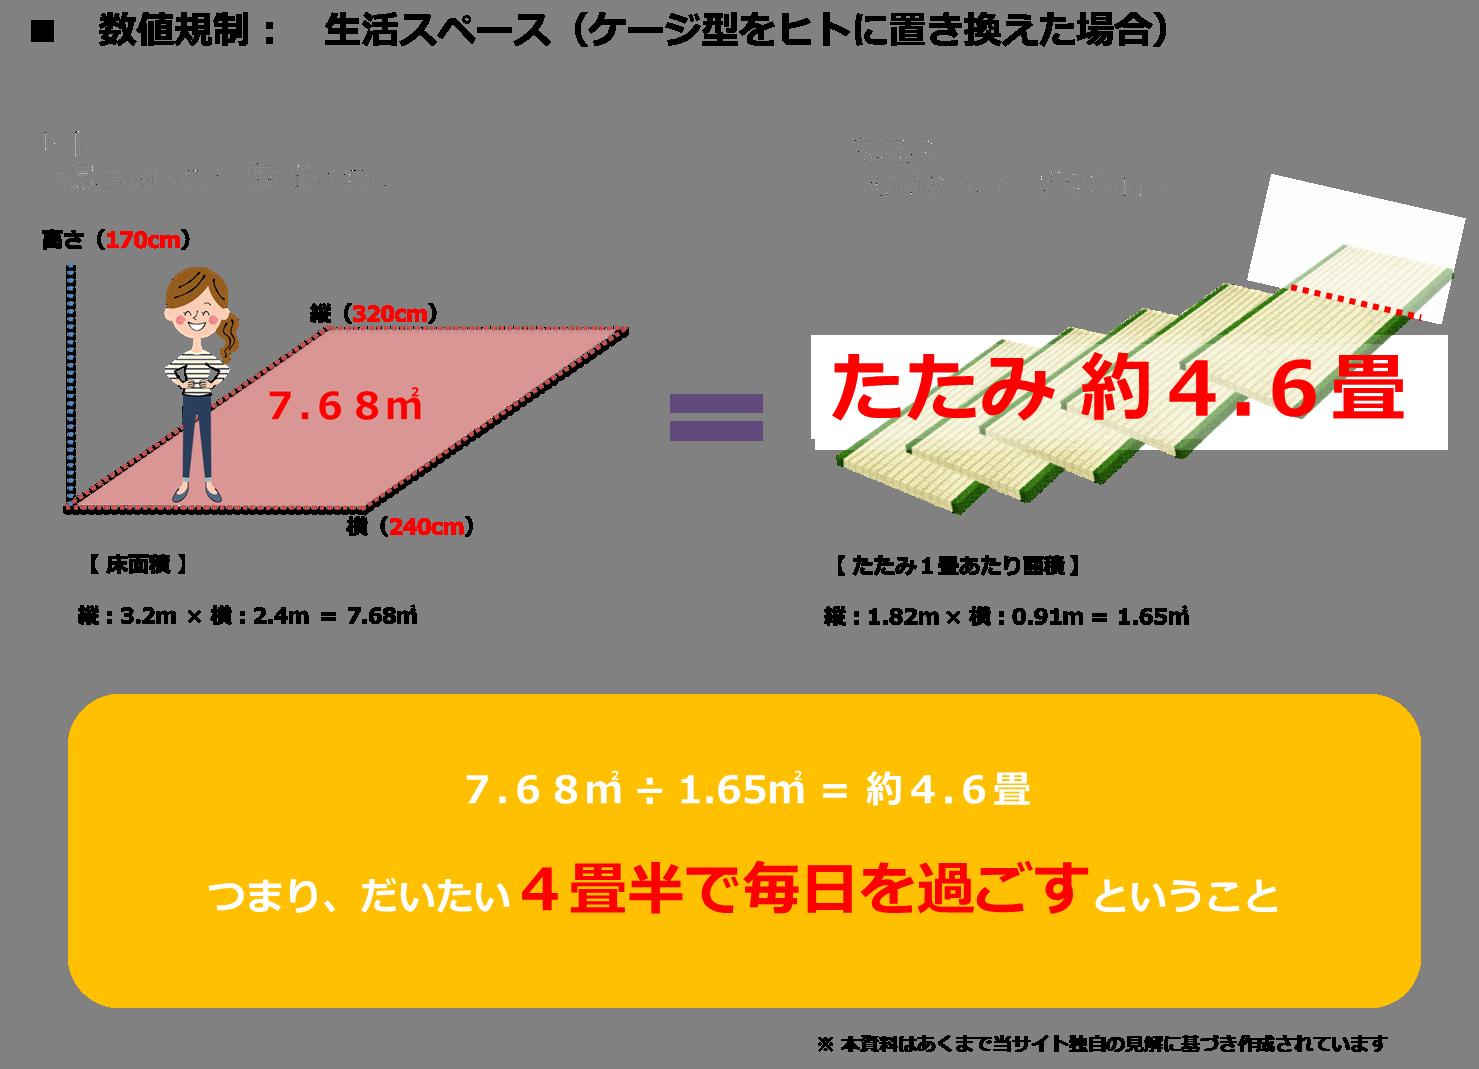 数値規制(ニンゲンの生活環境